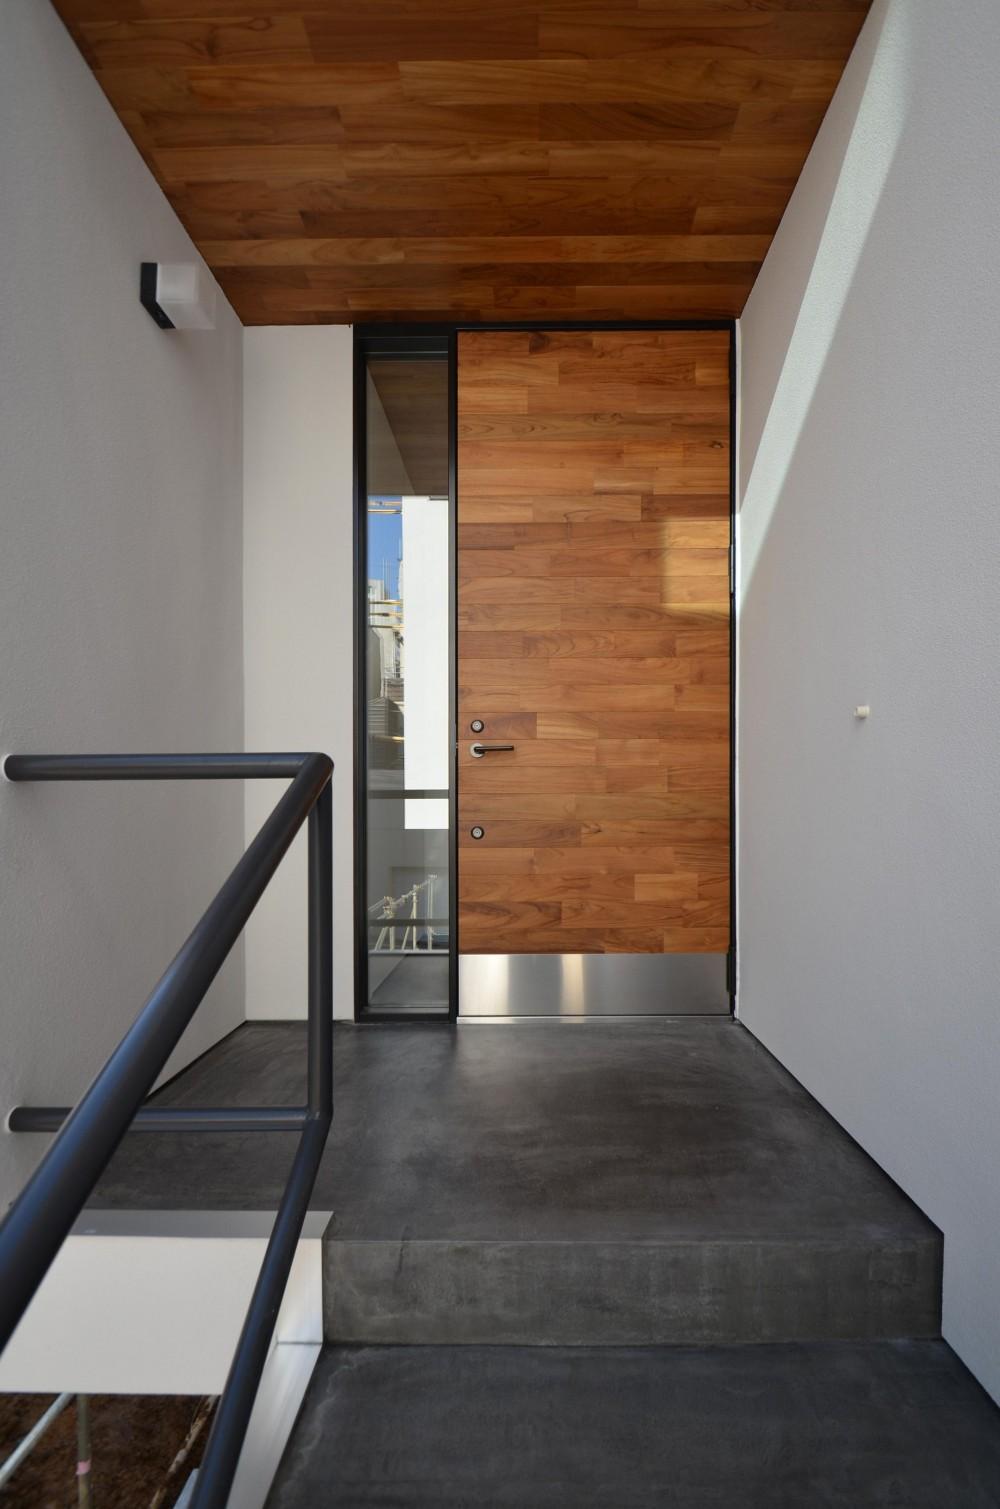 青葉台KM邸-都市公園の緑を借景とするスキップフロアの二世帯住宅- (チークの床材を張った玄関扉)